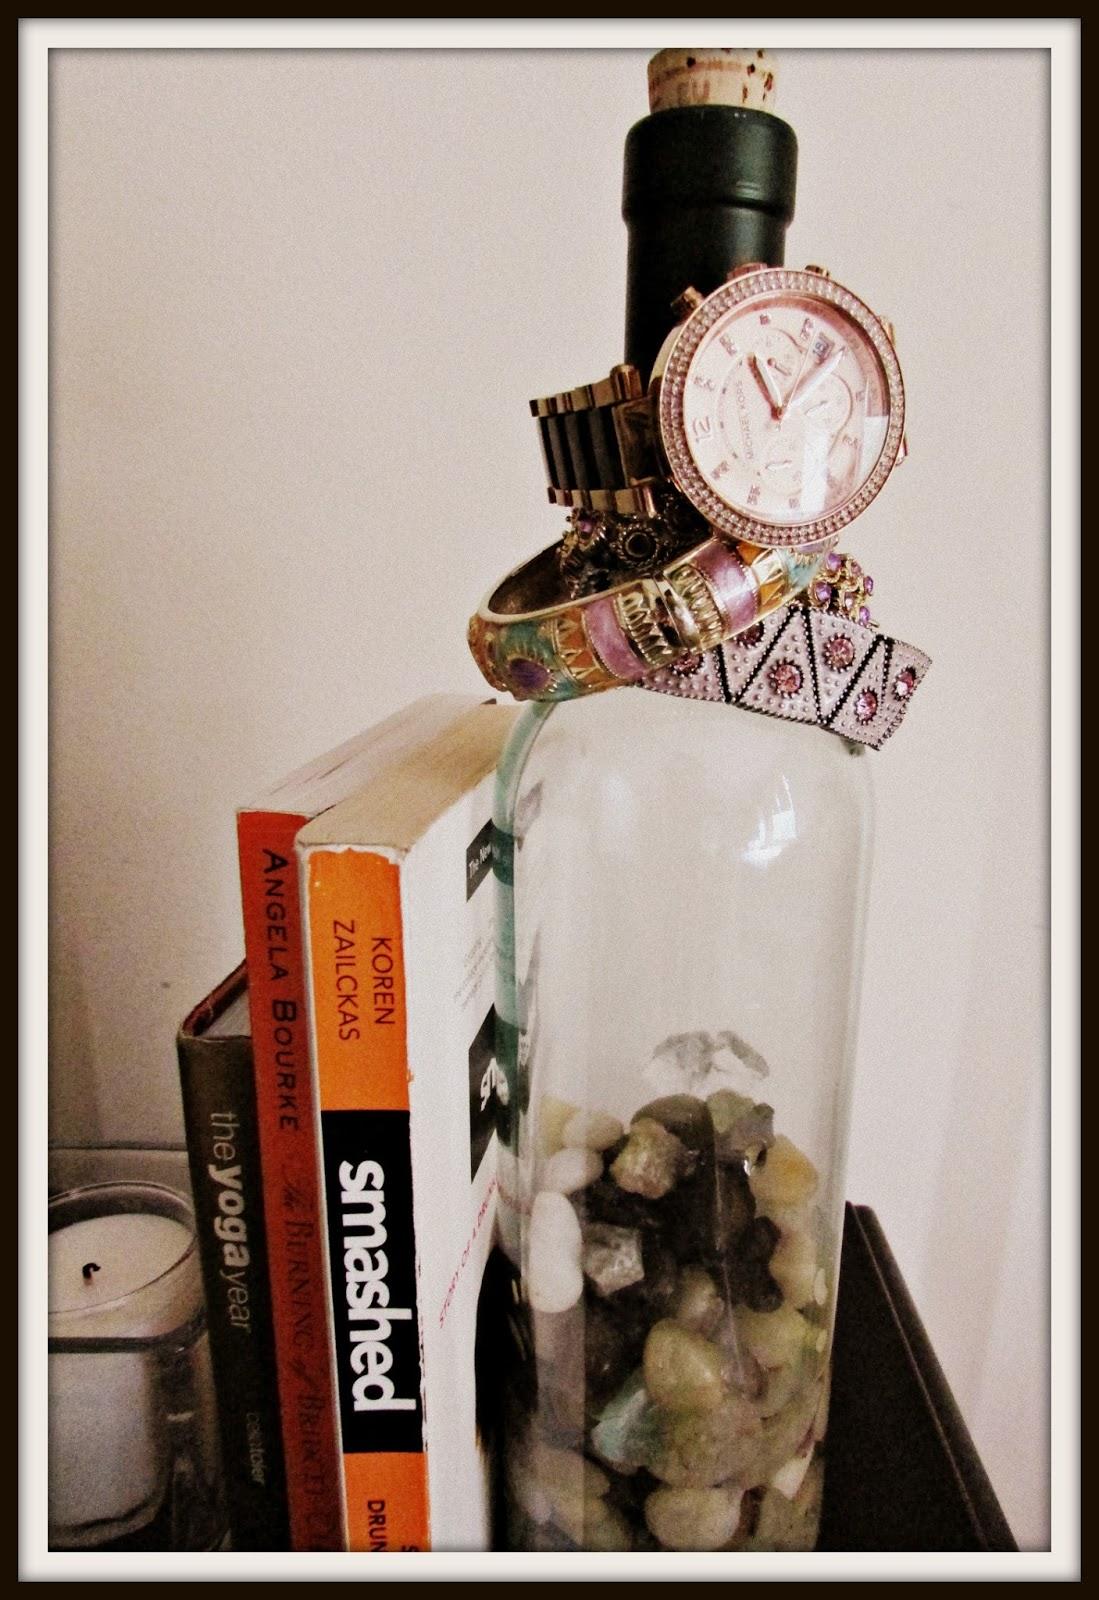 Dusk rubies wine bottle home decor ideas for Decor drink bottle